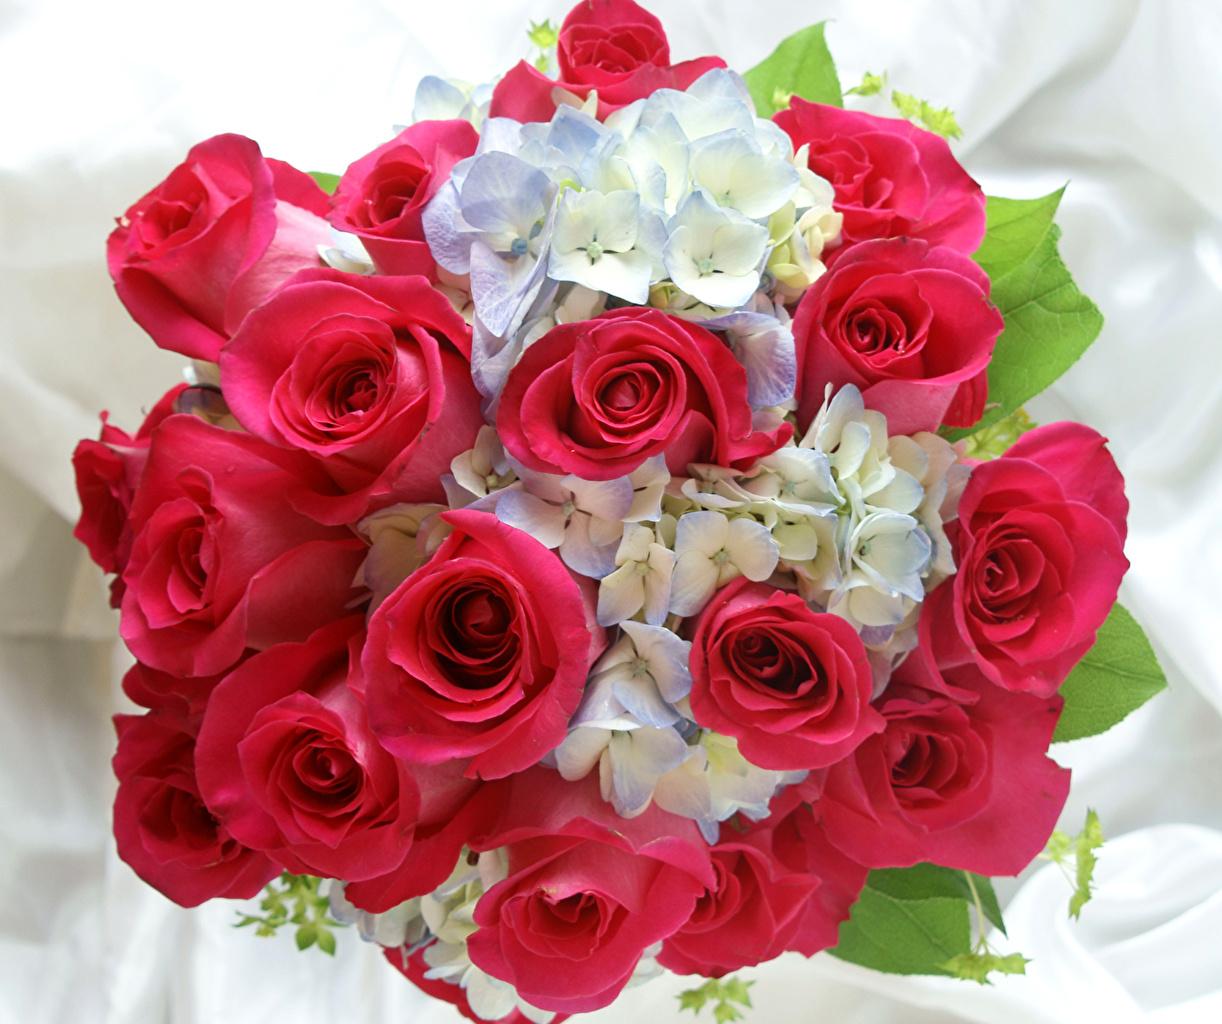 Розовоз Доставка цветов в Ижевске Тел 774646